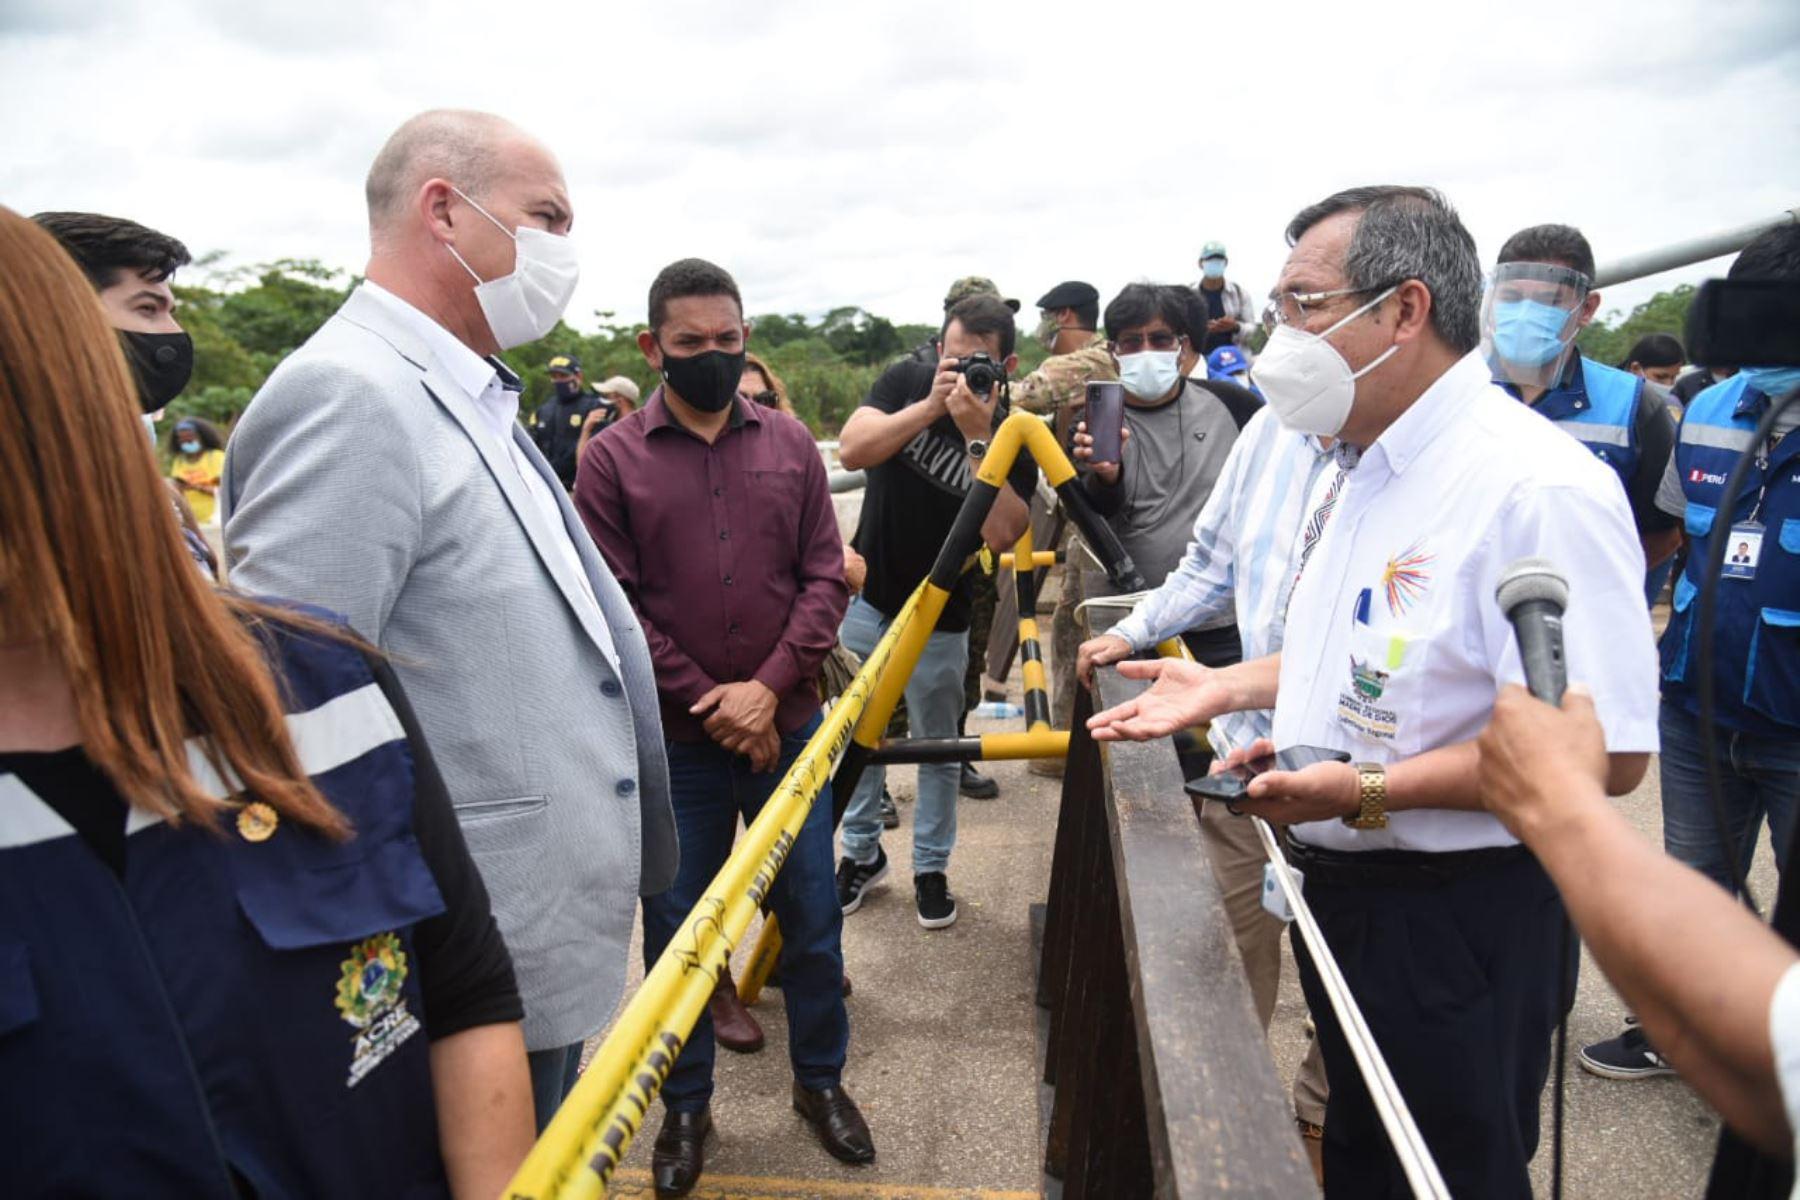 autoridades-de-peru-y-brasil-buscan-solucion-para-migrantes-haitianos-en-la-frontera